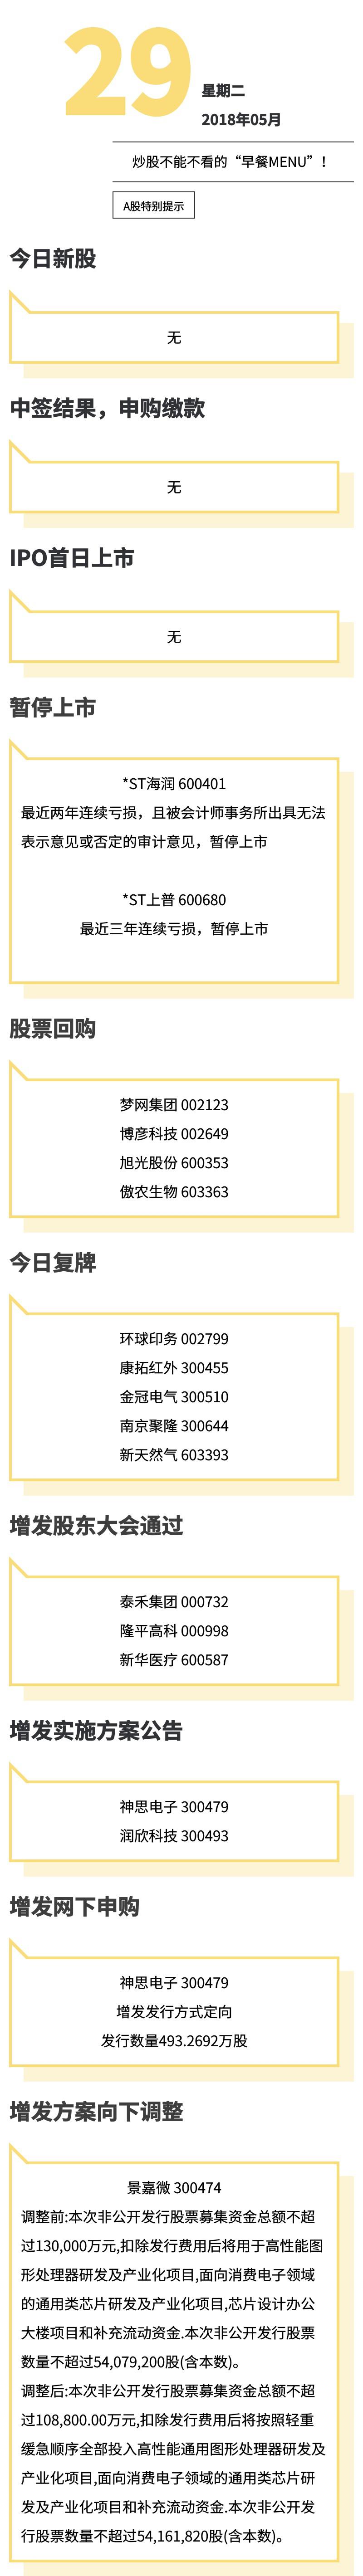 A股特别提示(2018-05-29)1.jpg